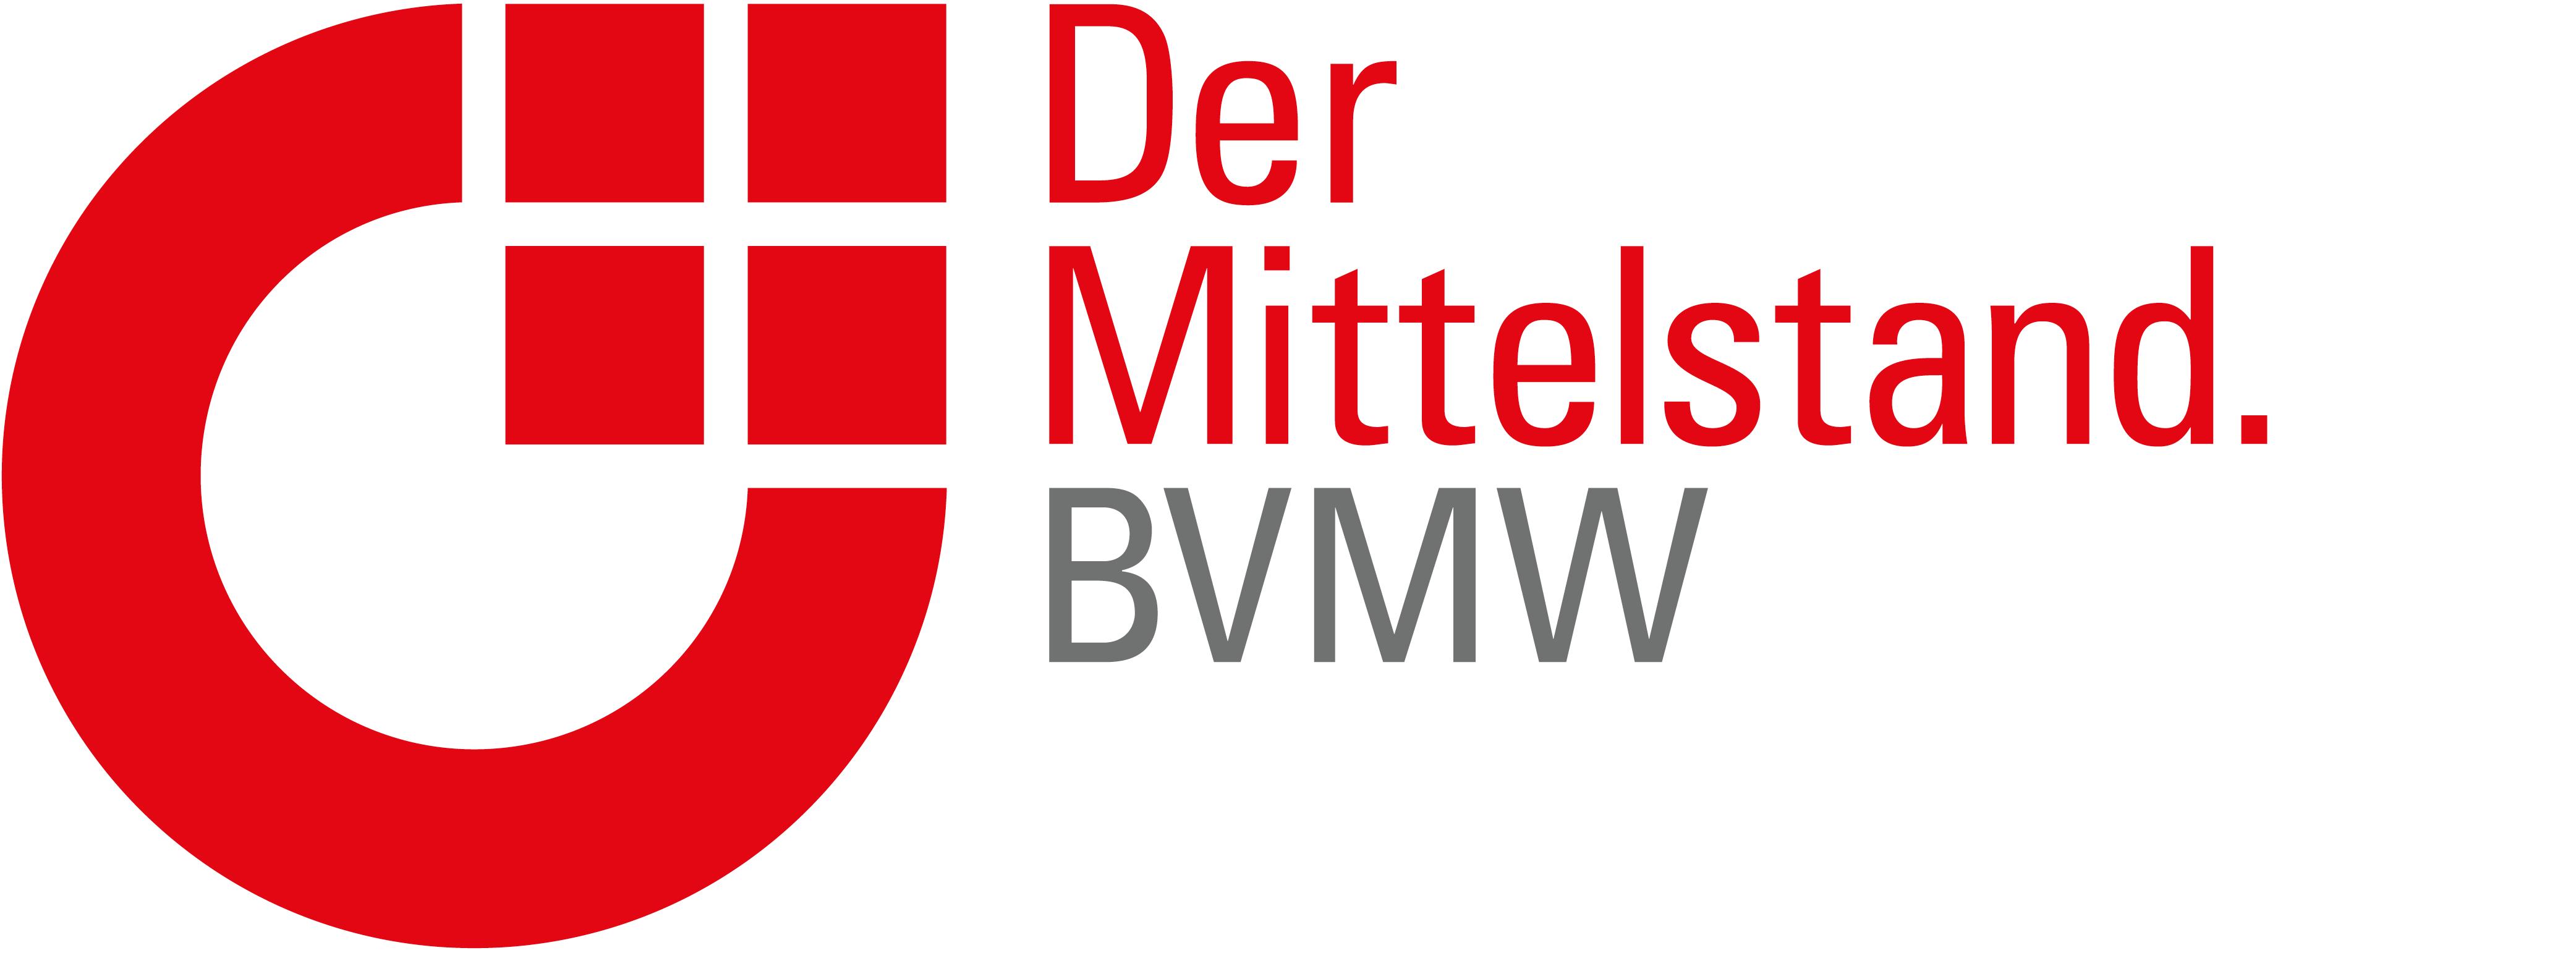 webImpulse des Mittelstand BVMW